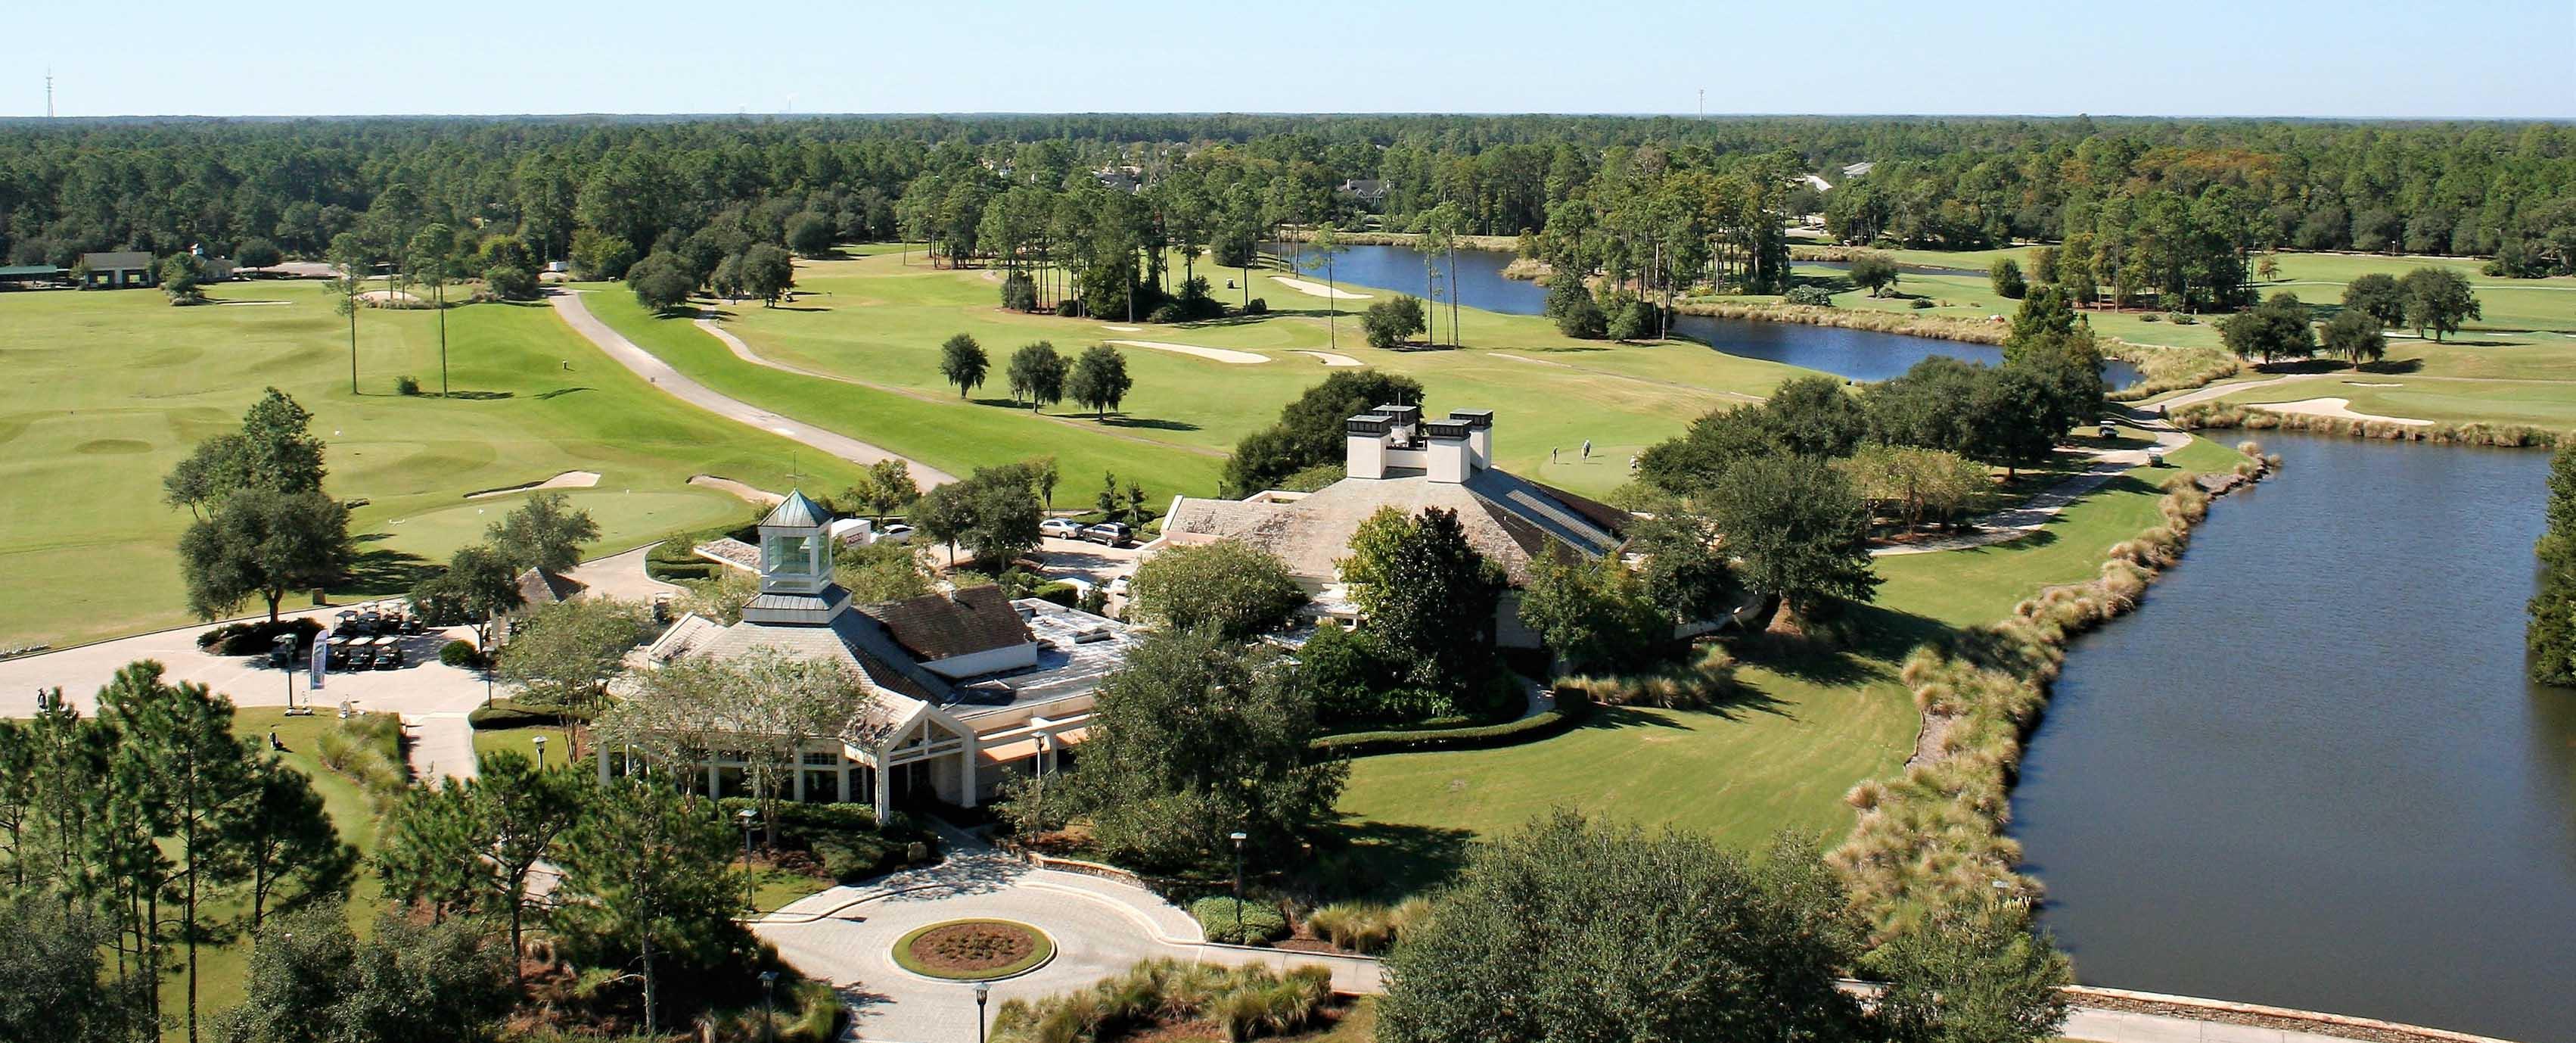 Renaissance World Golf Village Hotel view